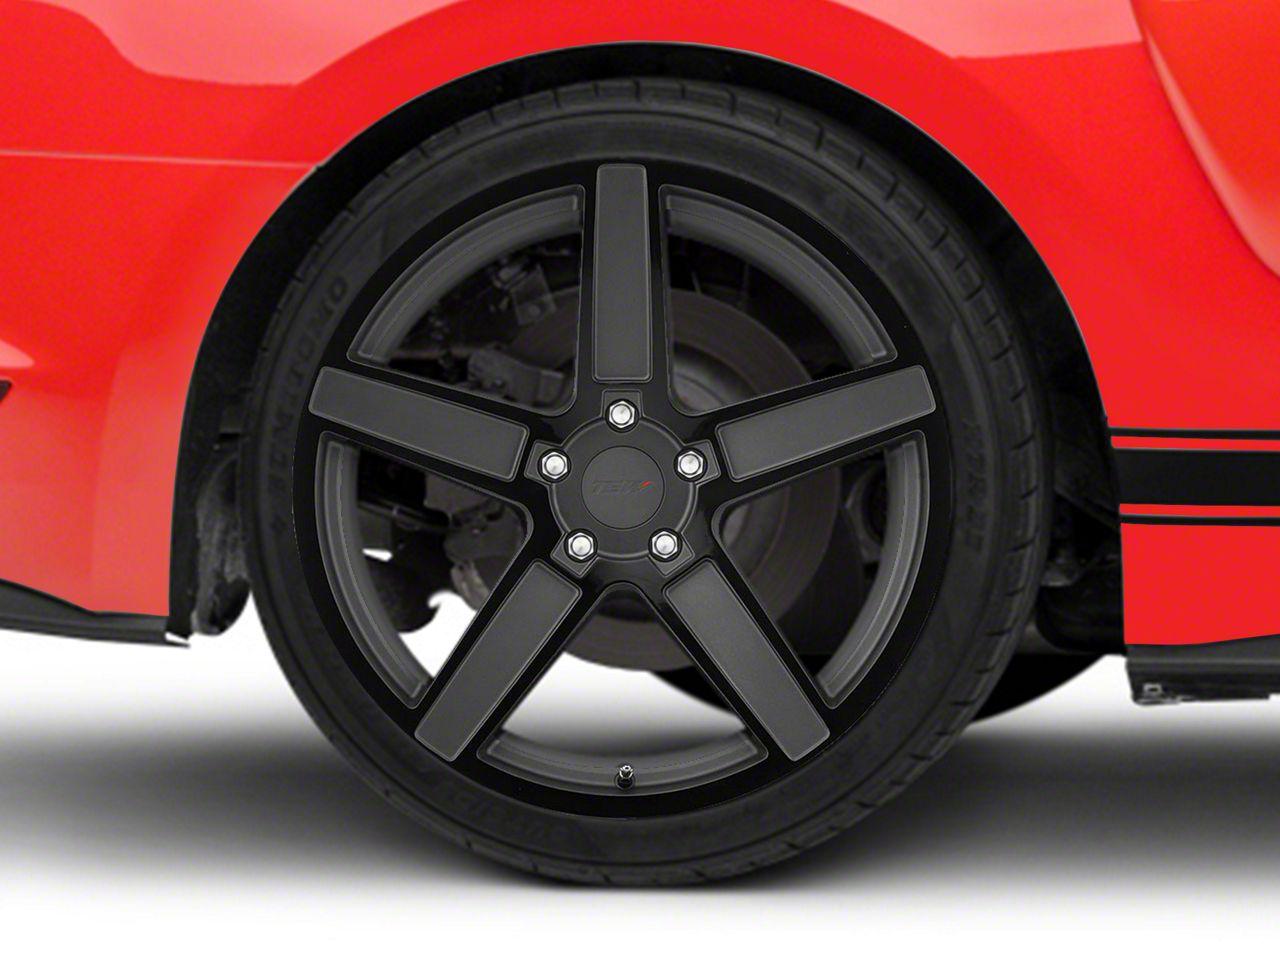 TSW Ascent Matte Gunmetal w/ Gloss Black Face Wheel - 20x10 (15-19 EcoBoost, V6)